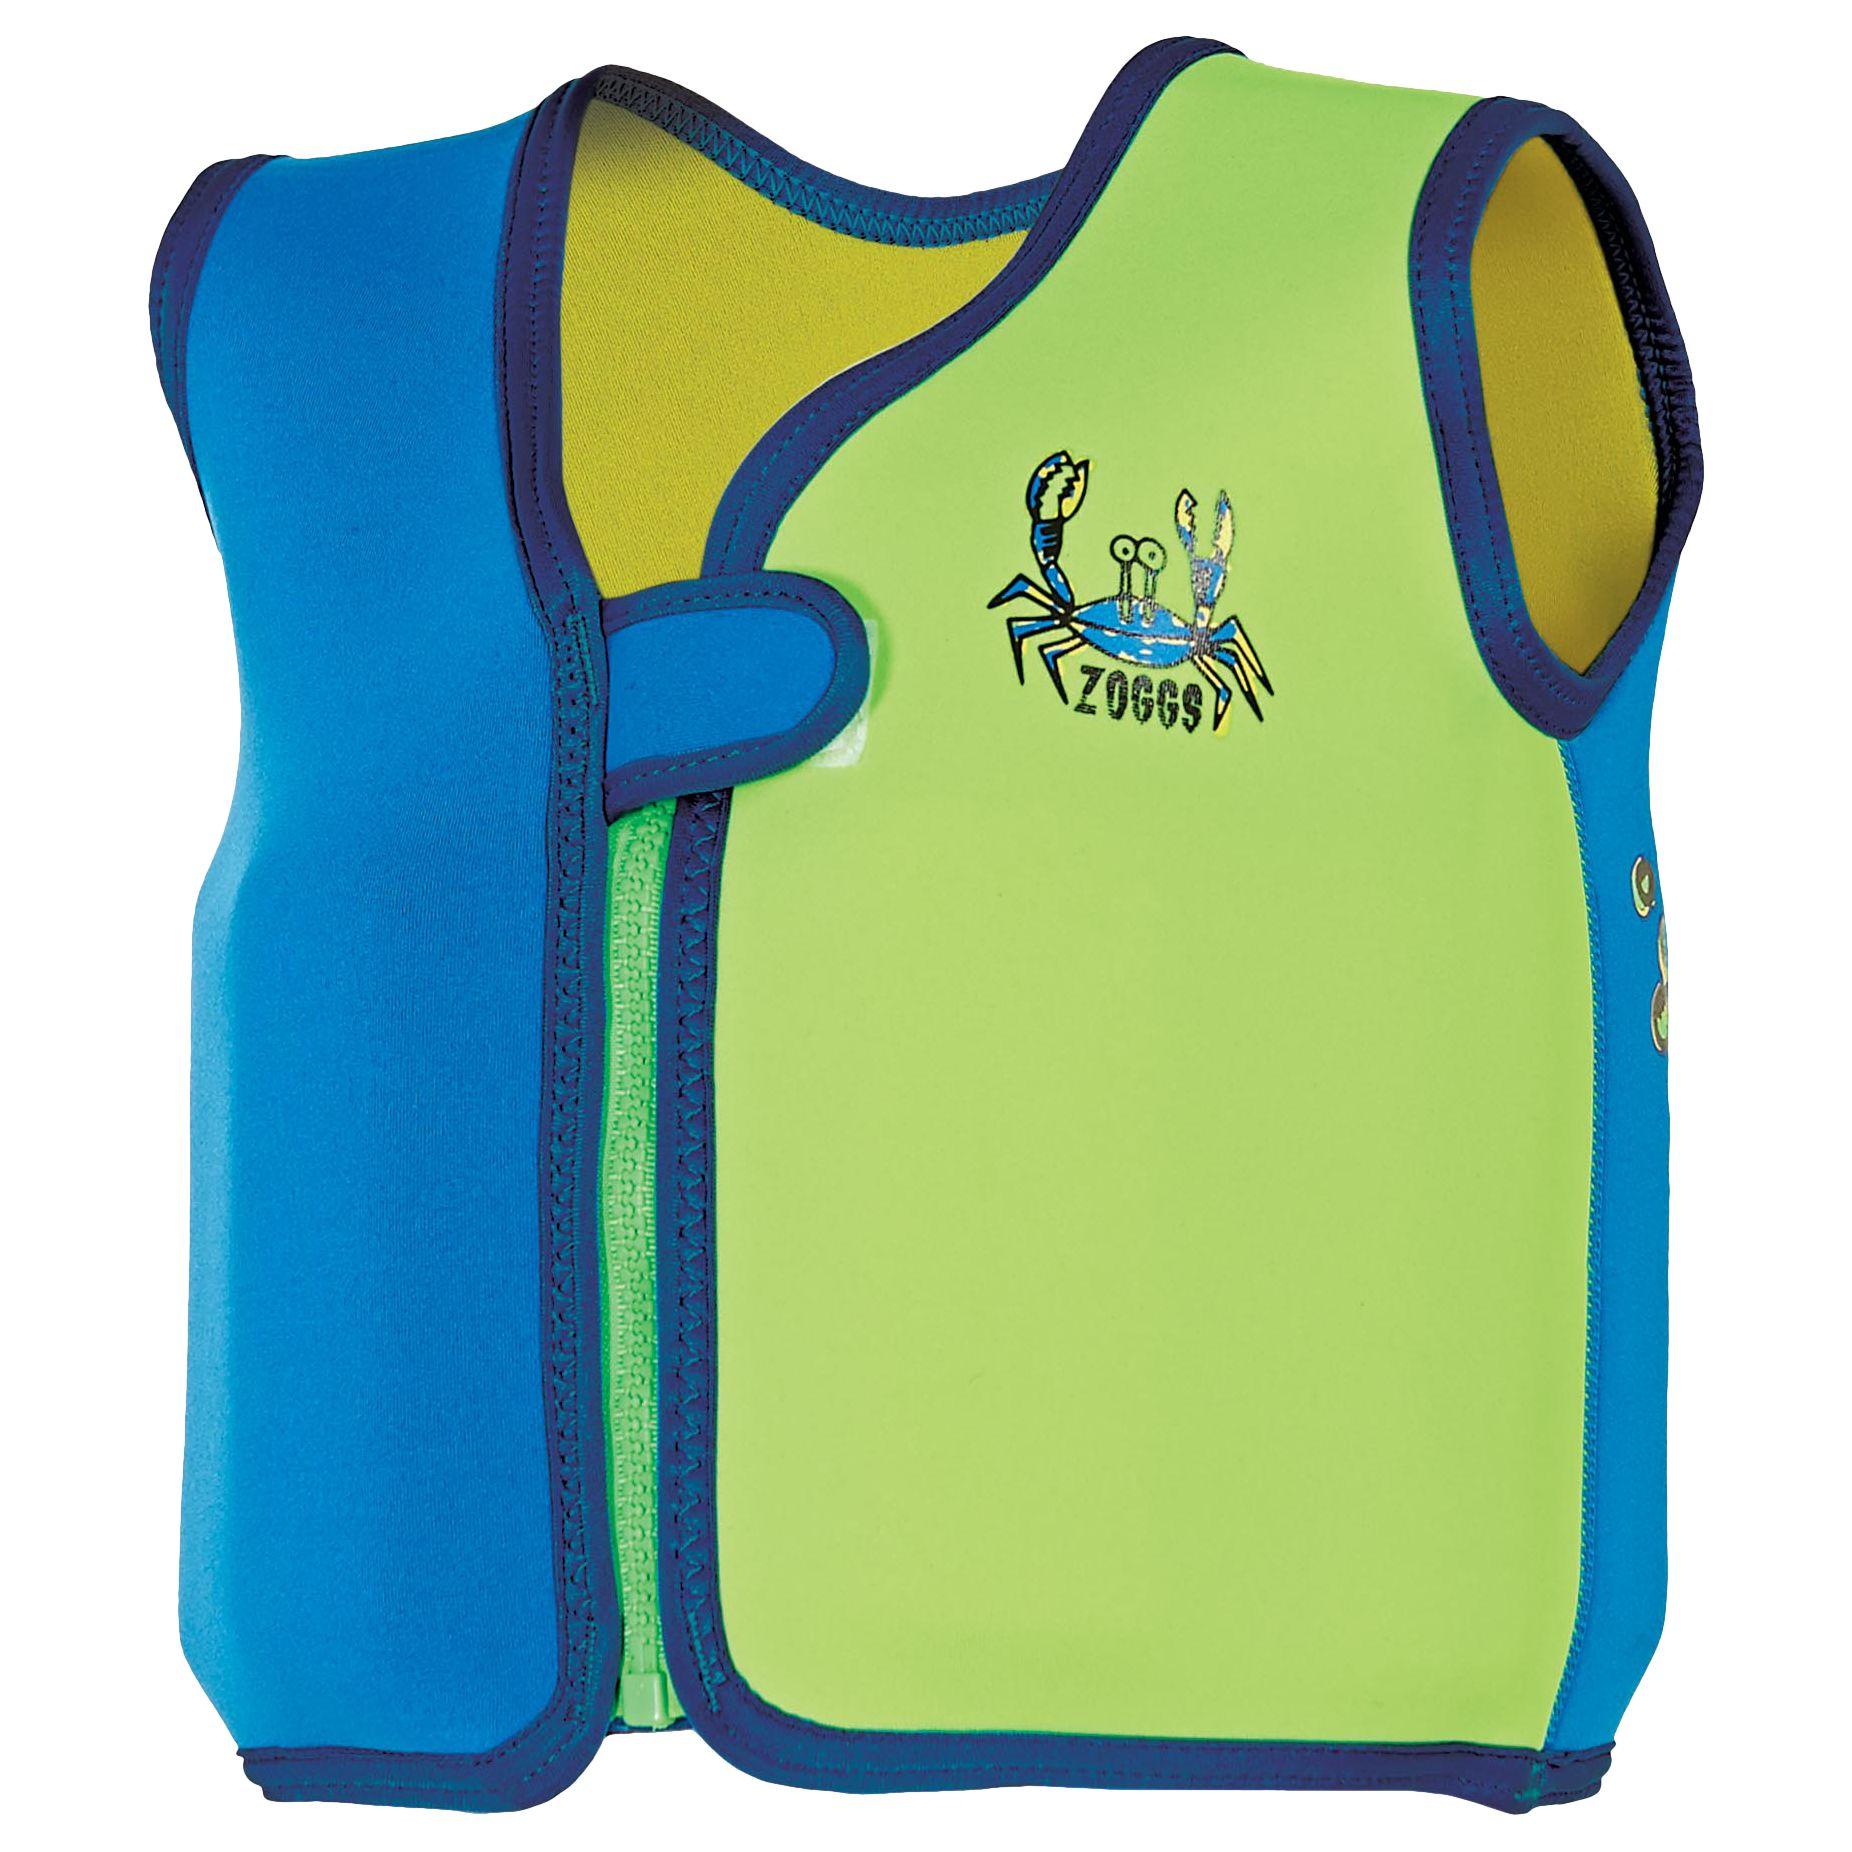 Zoggs Zoggs Bobin Swim Jacket, Blue